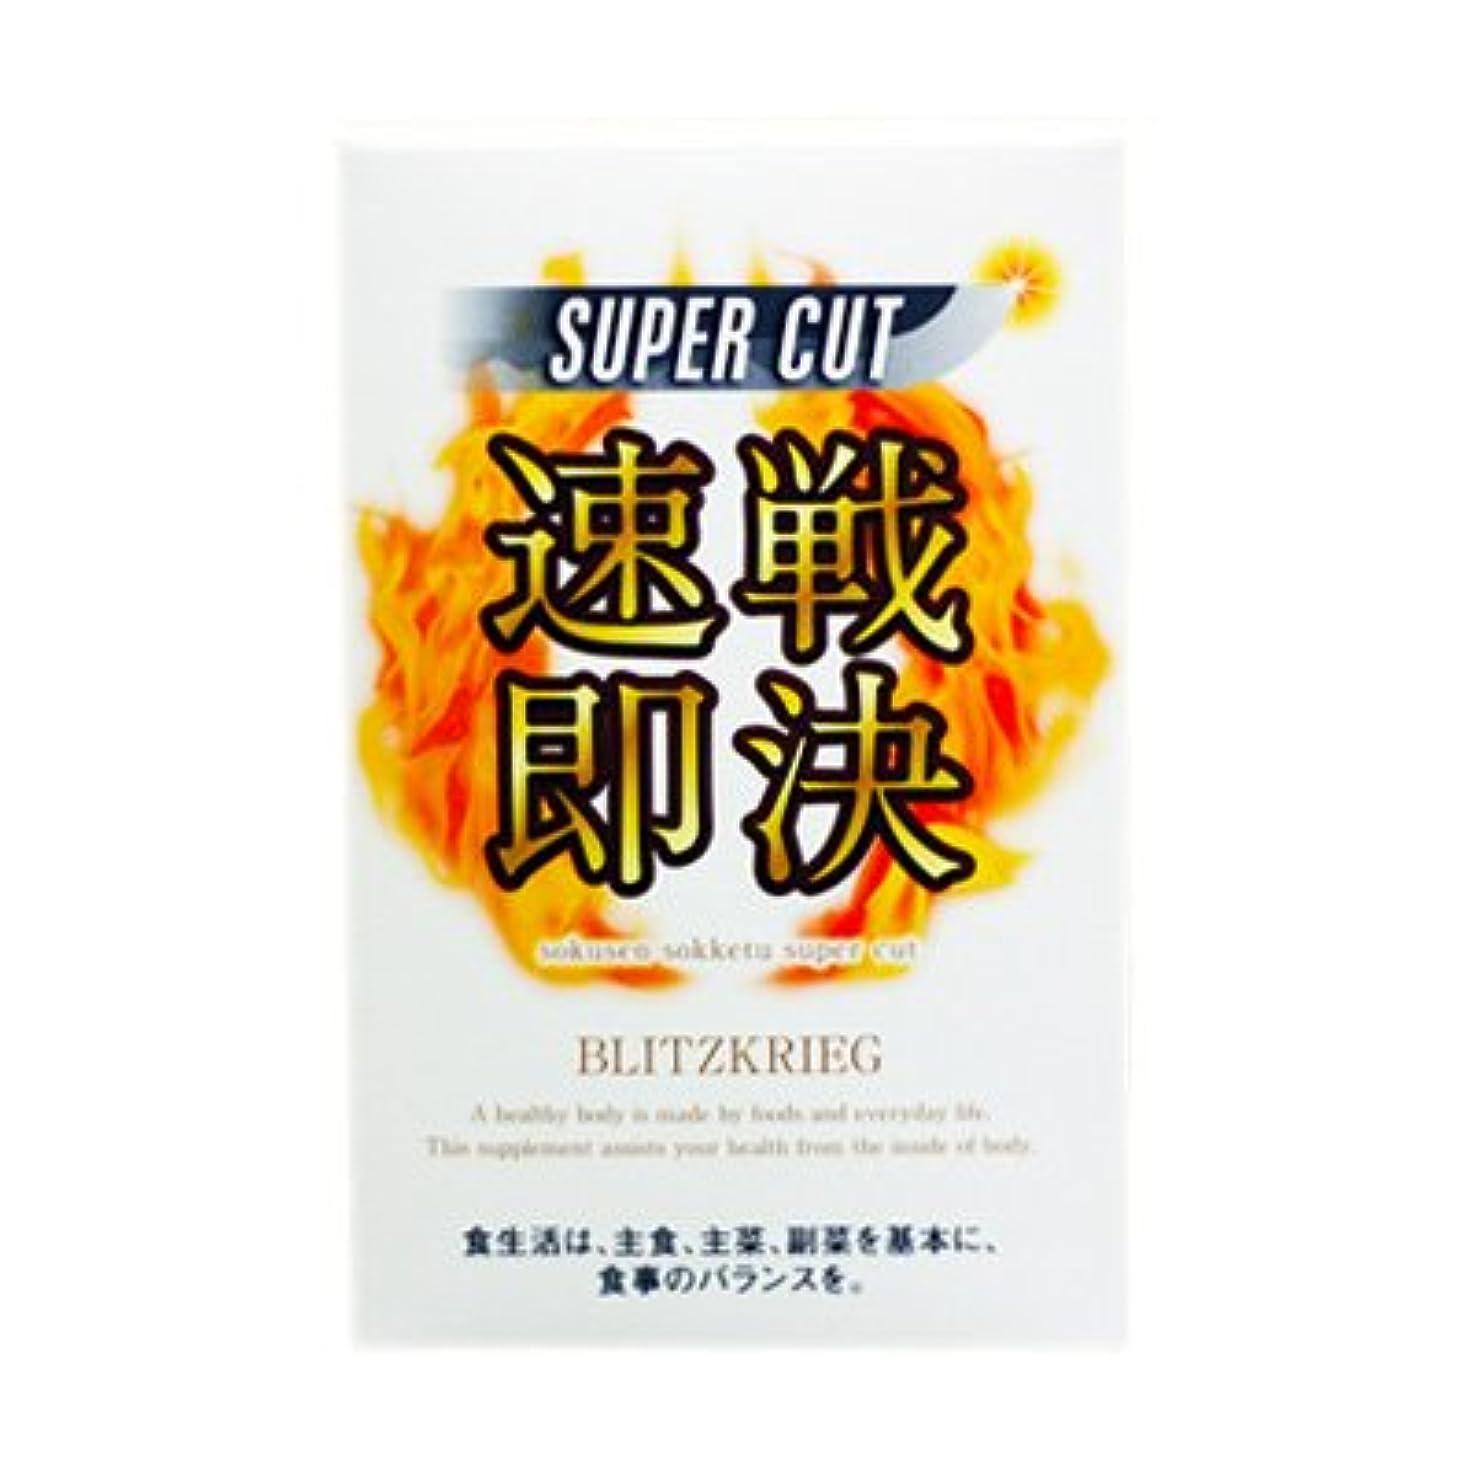 生き残り代替疑わしい速戦即決 スーパーカット そくせんそっけつ SUPER CUT